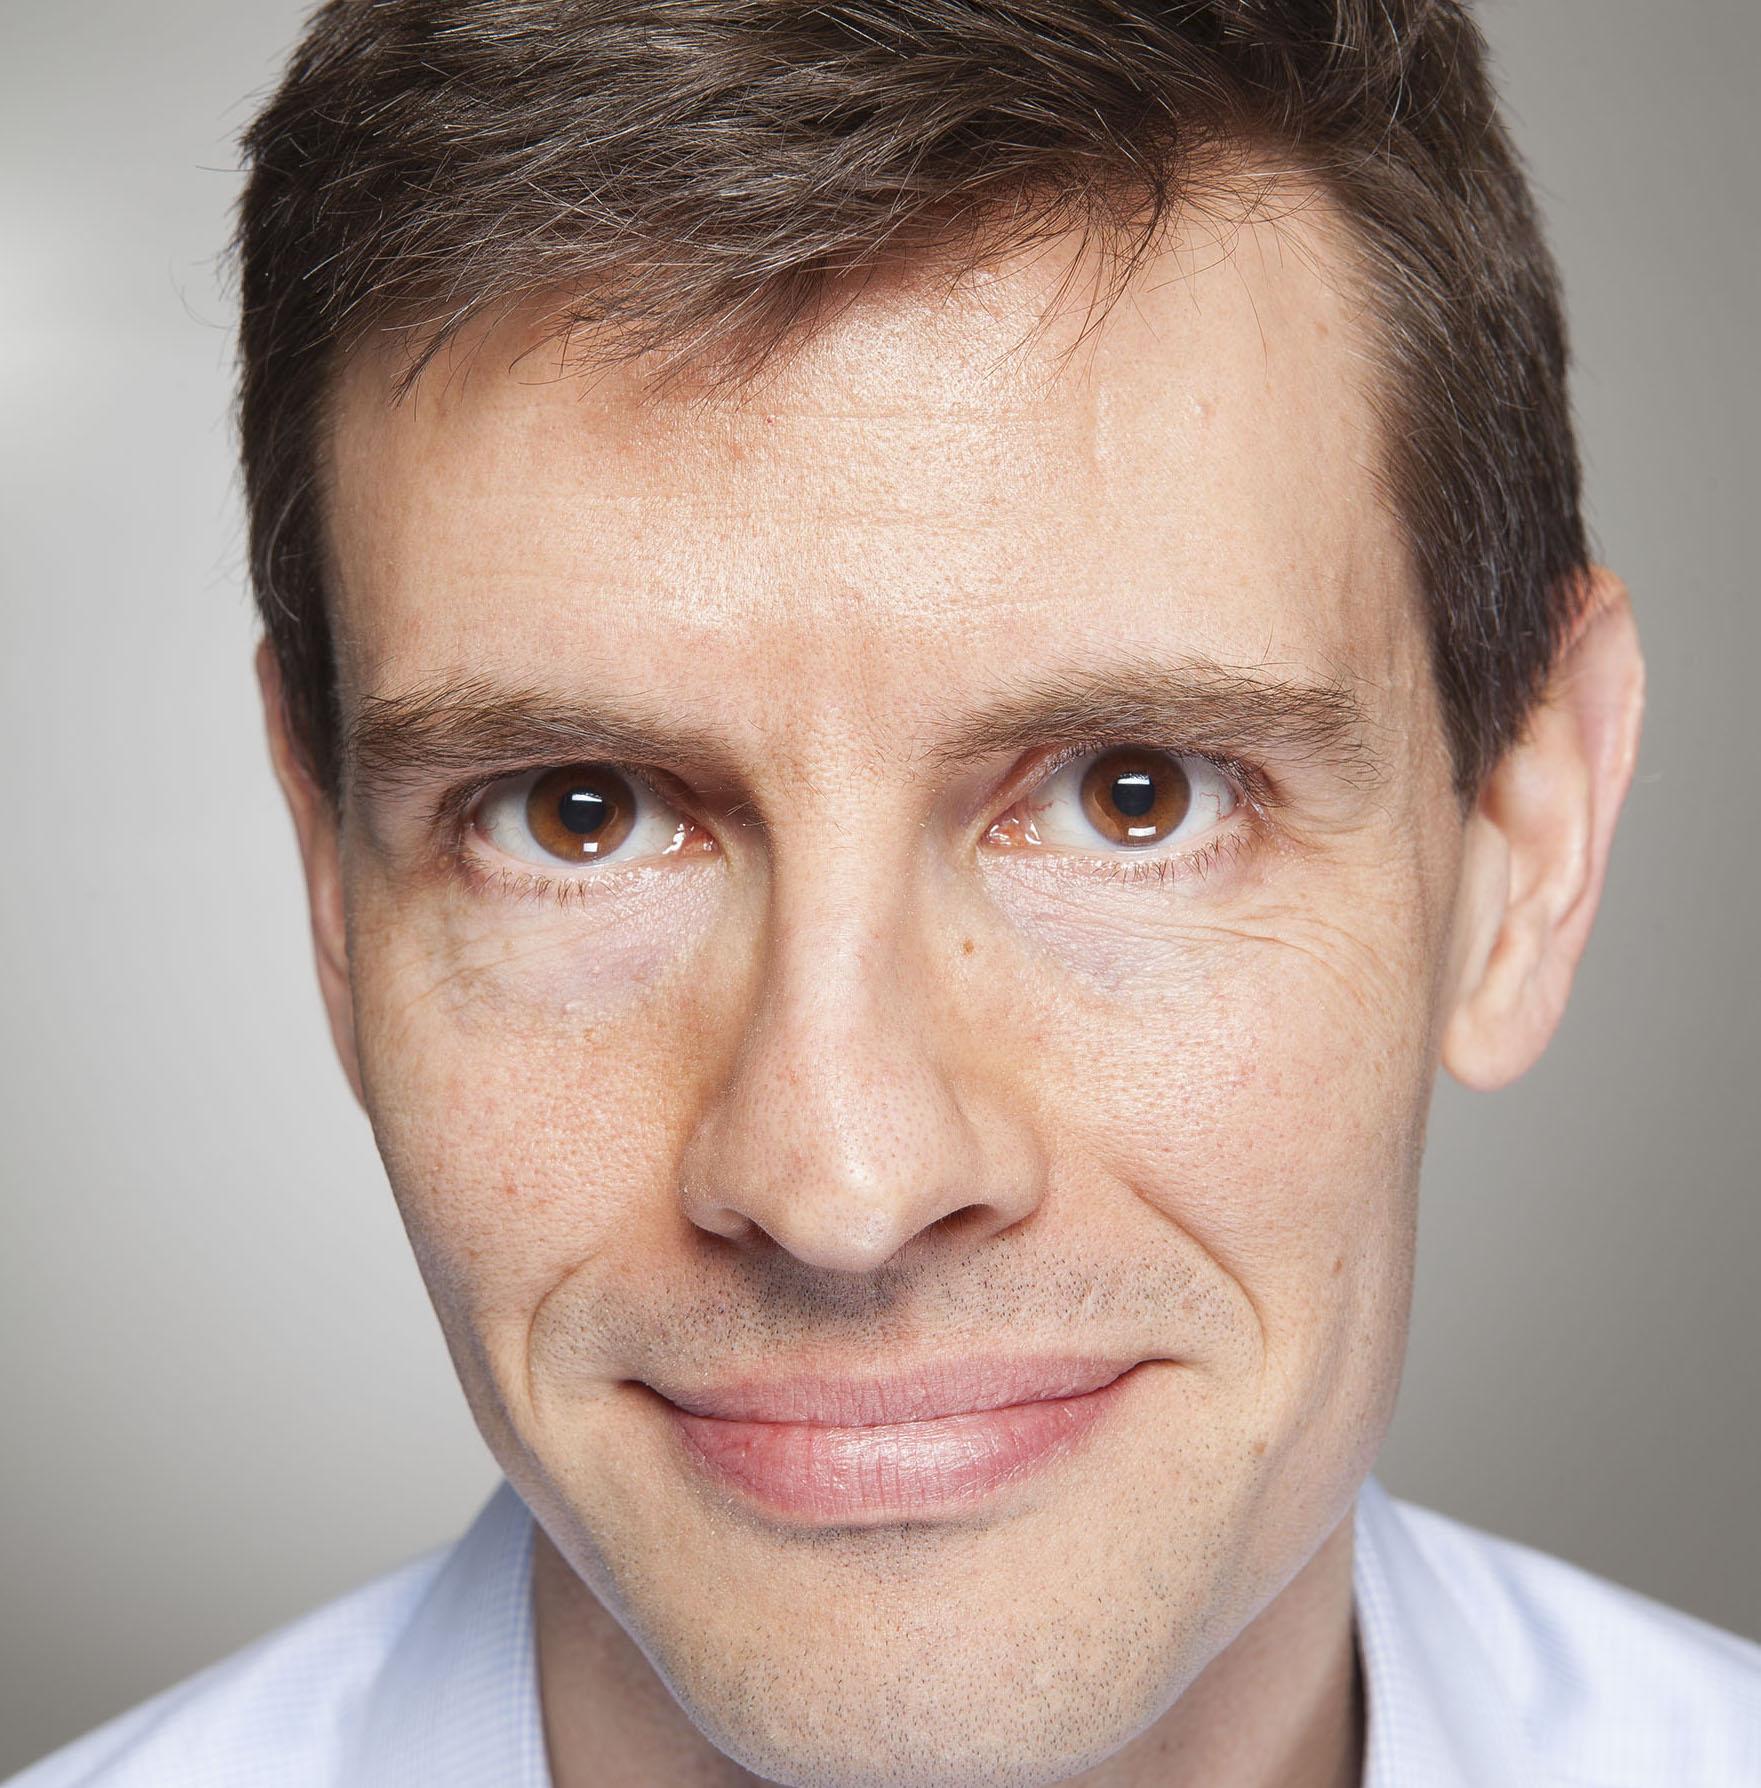 Dr. Matthew Wilkens